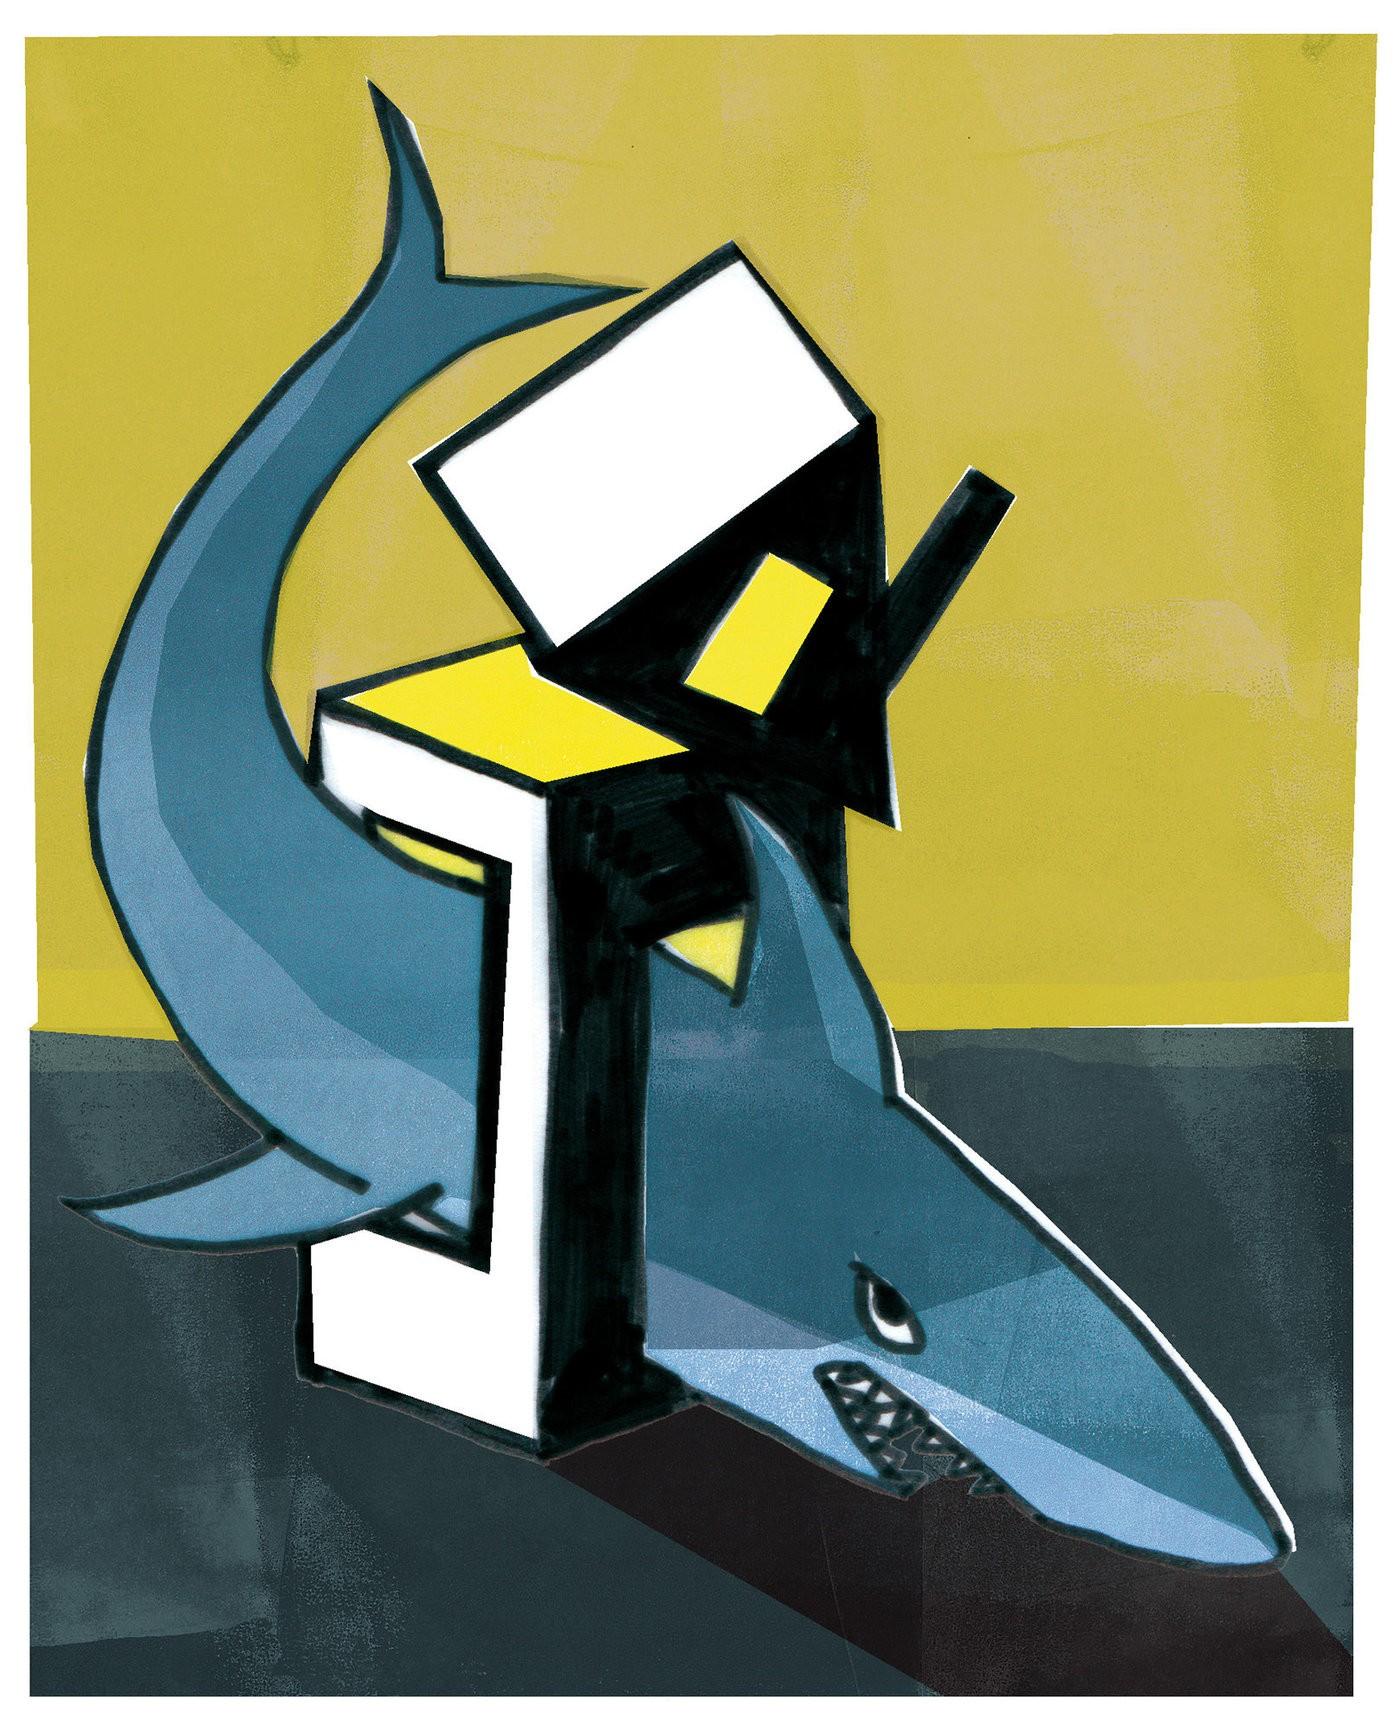 Medium haai huis2